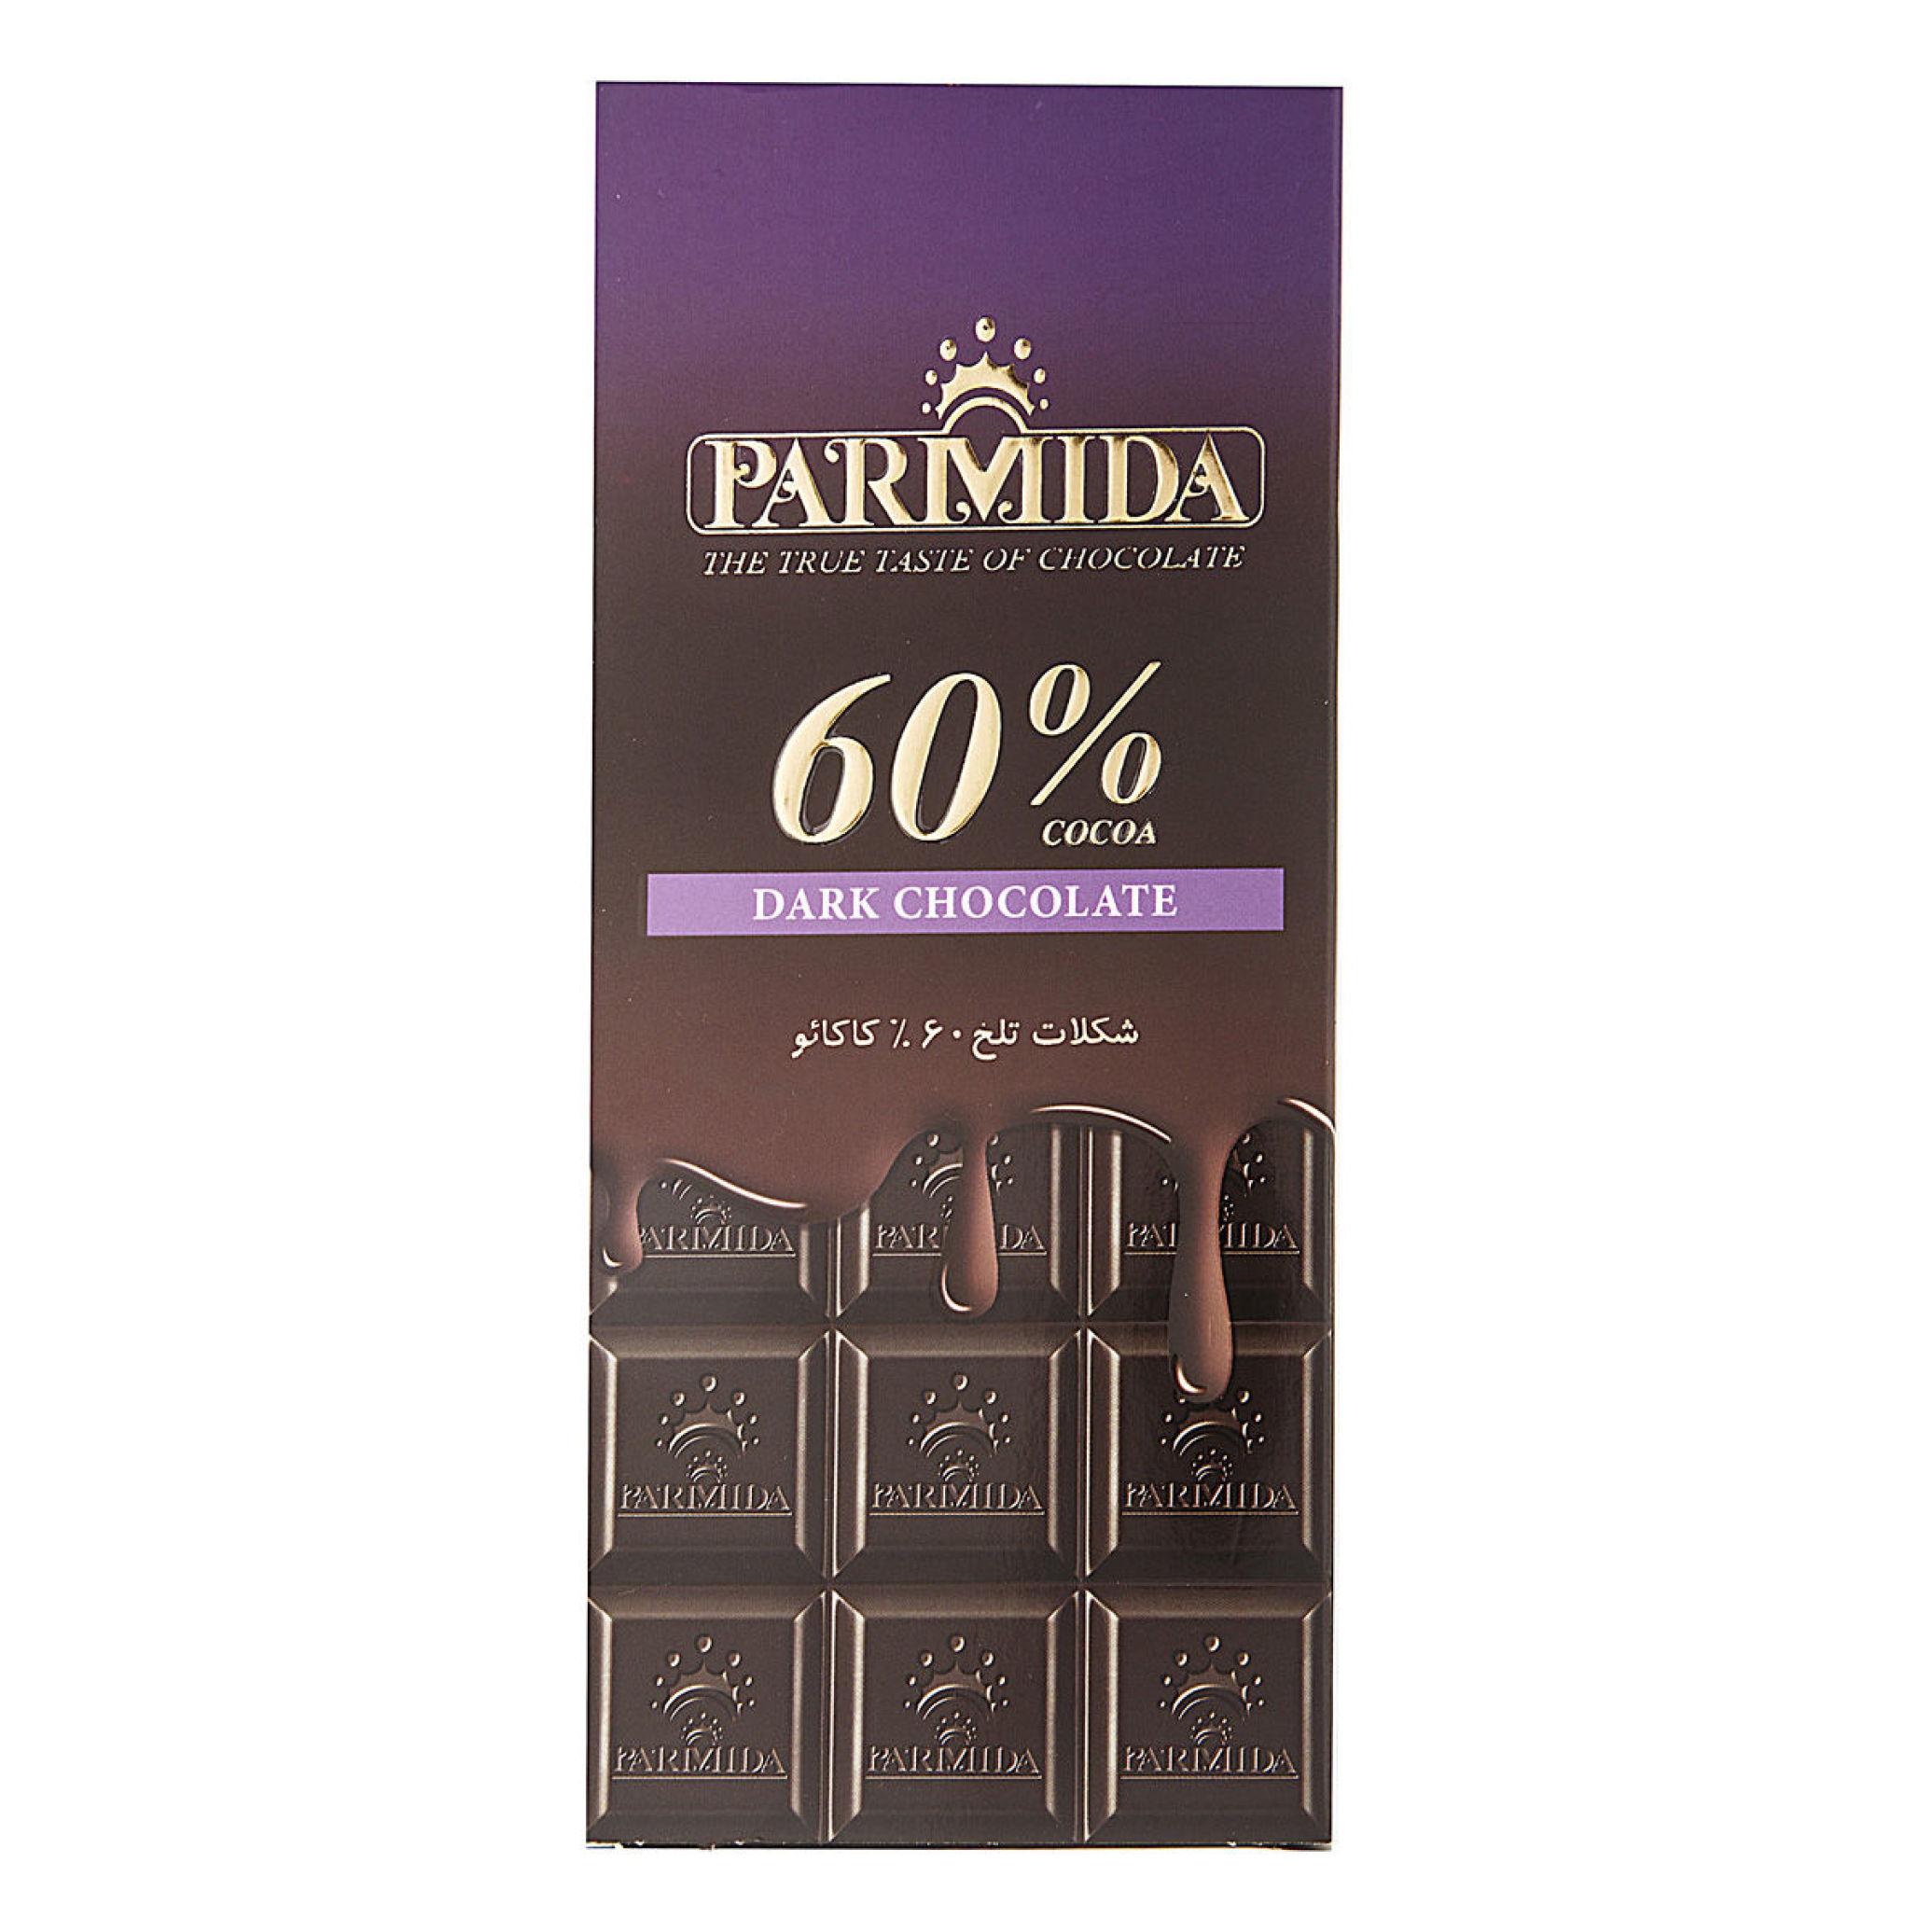 شکلات تابلت 72% پارمیدا خرید انلاین وجیسنک خرید اینترنتی از شهر شکلات وجیسنک زیر قیمت بازار تهران رژیمی وگن vegan